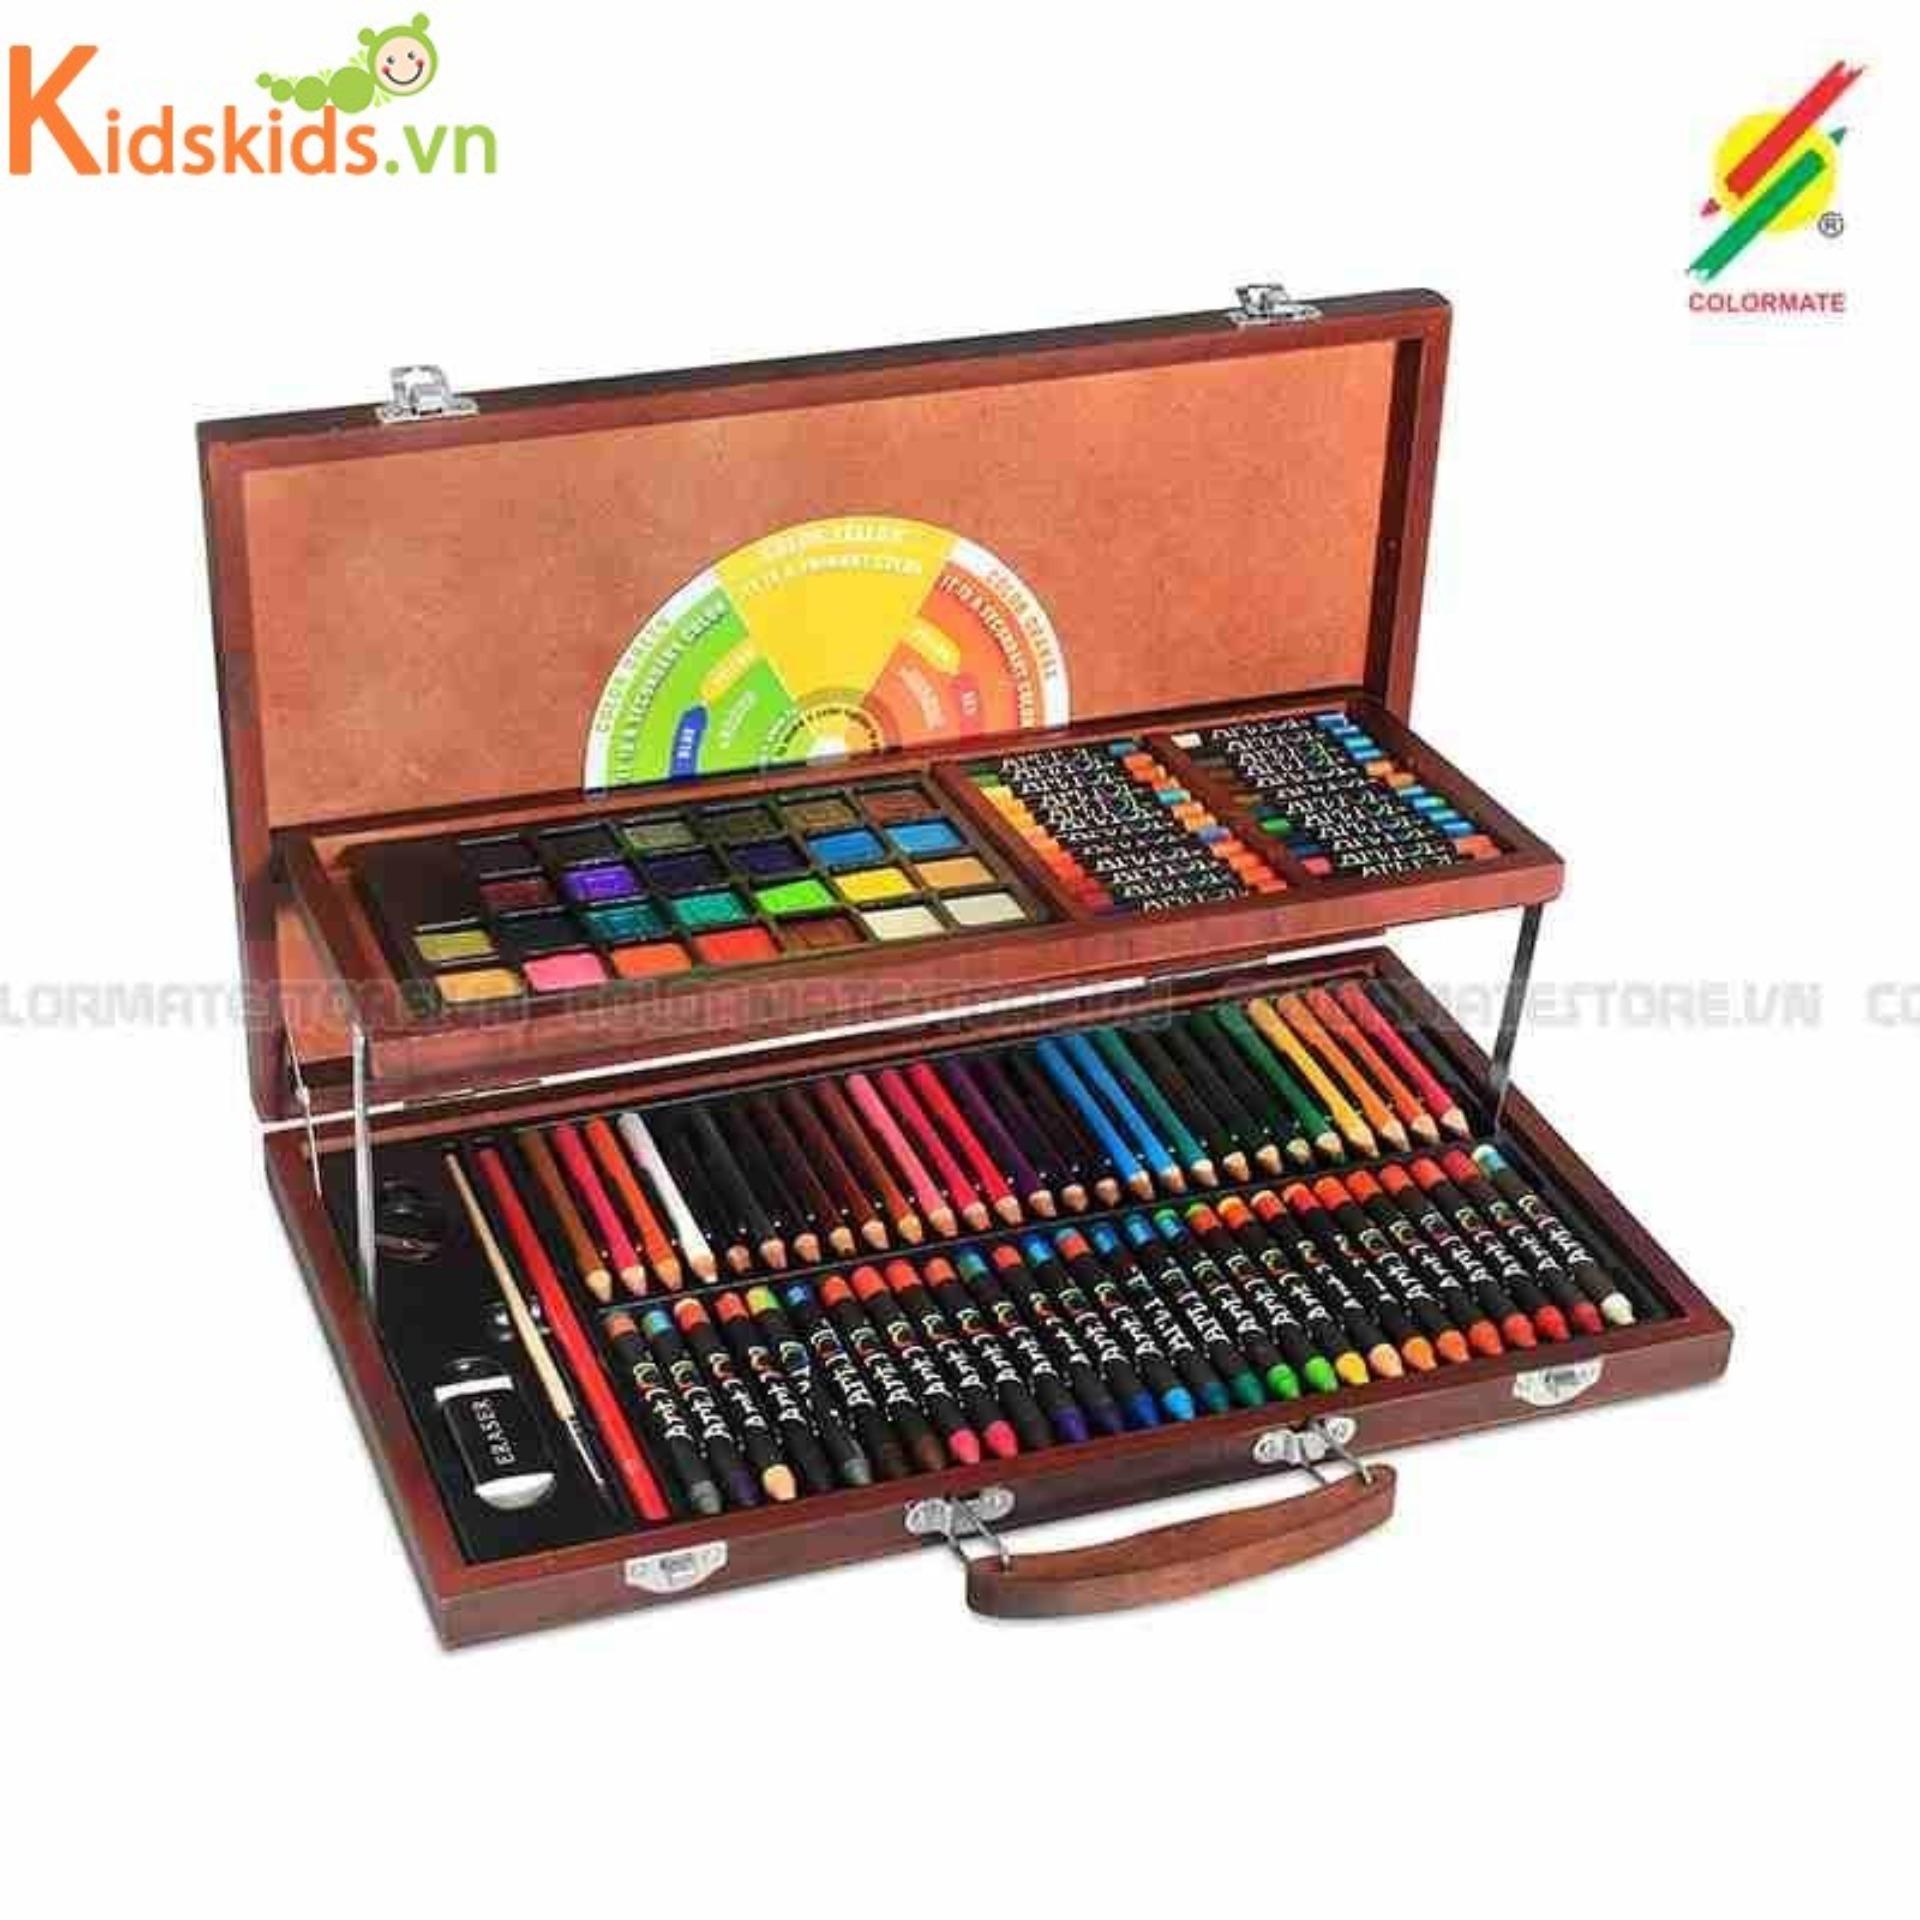 Hình ảnh Bút màu hộp gỗ M 111 Colormate